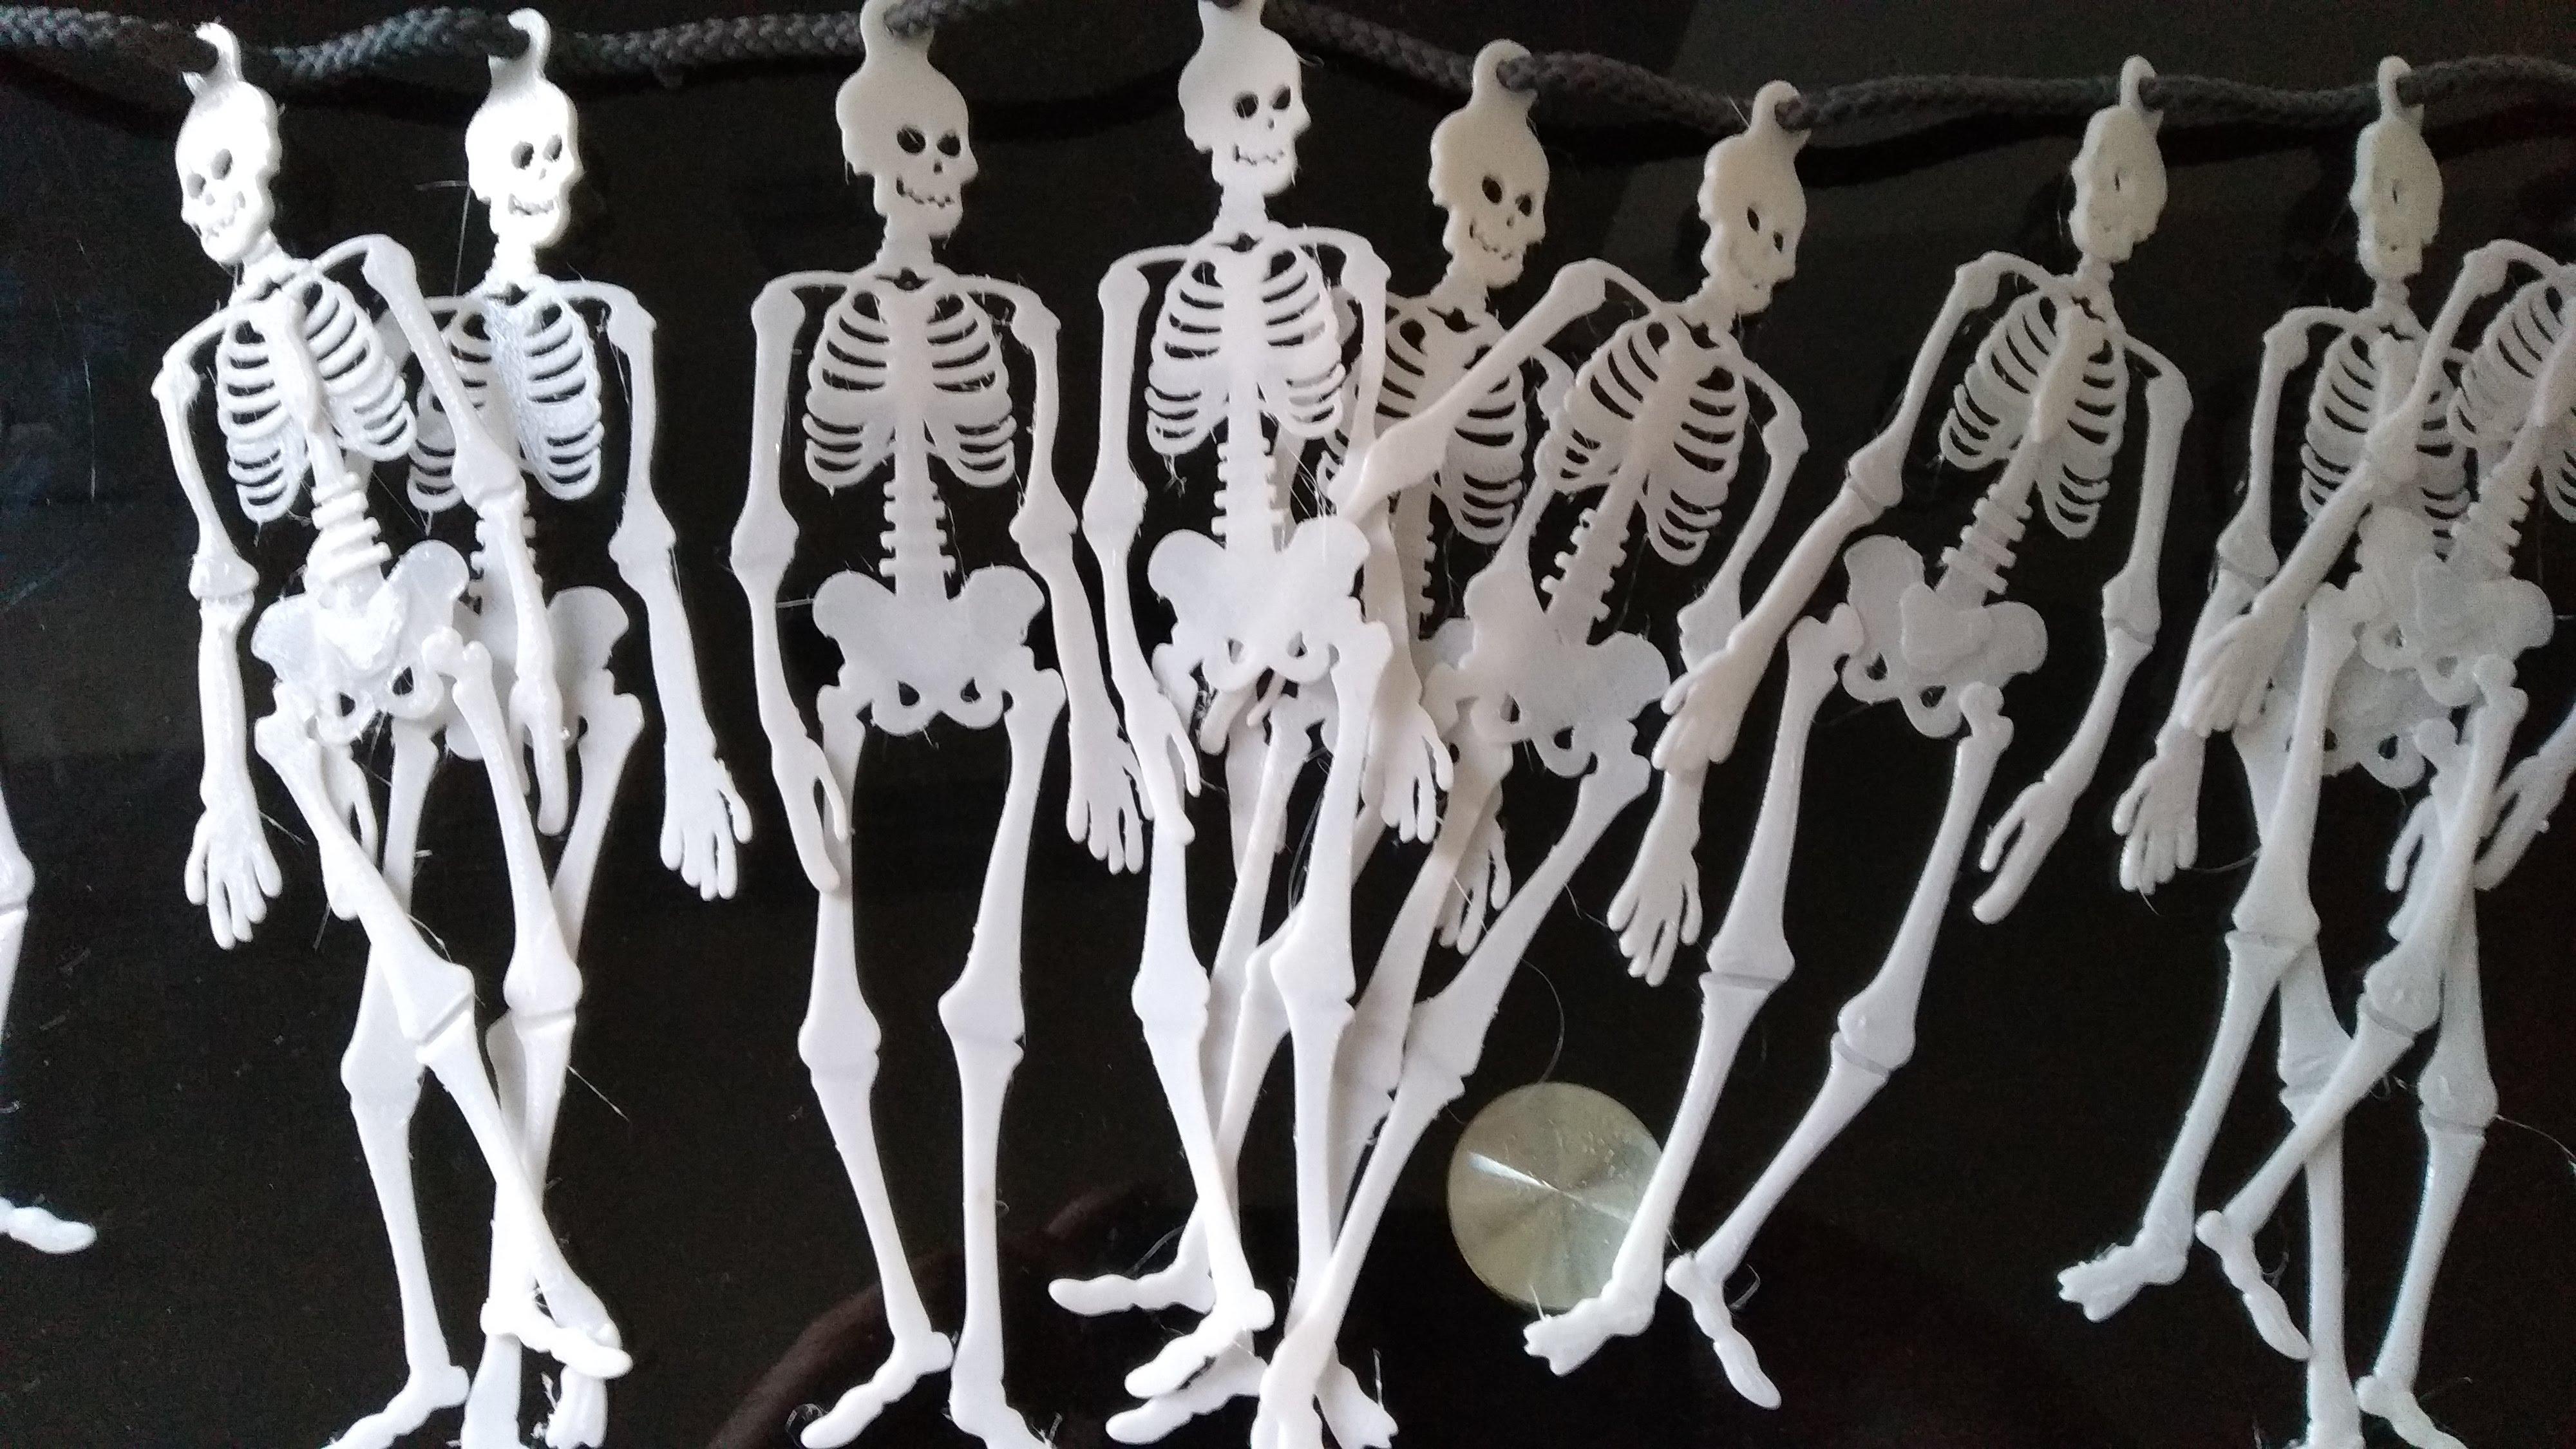 IMG_20191008_181017.jpg Download free STL file Skeleton Buntings • 3D printer template, 3DME